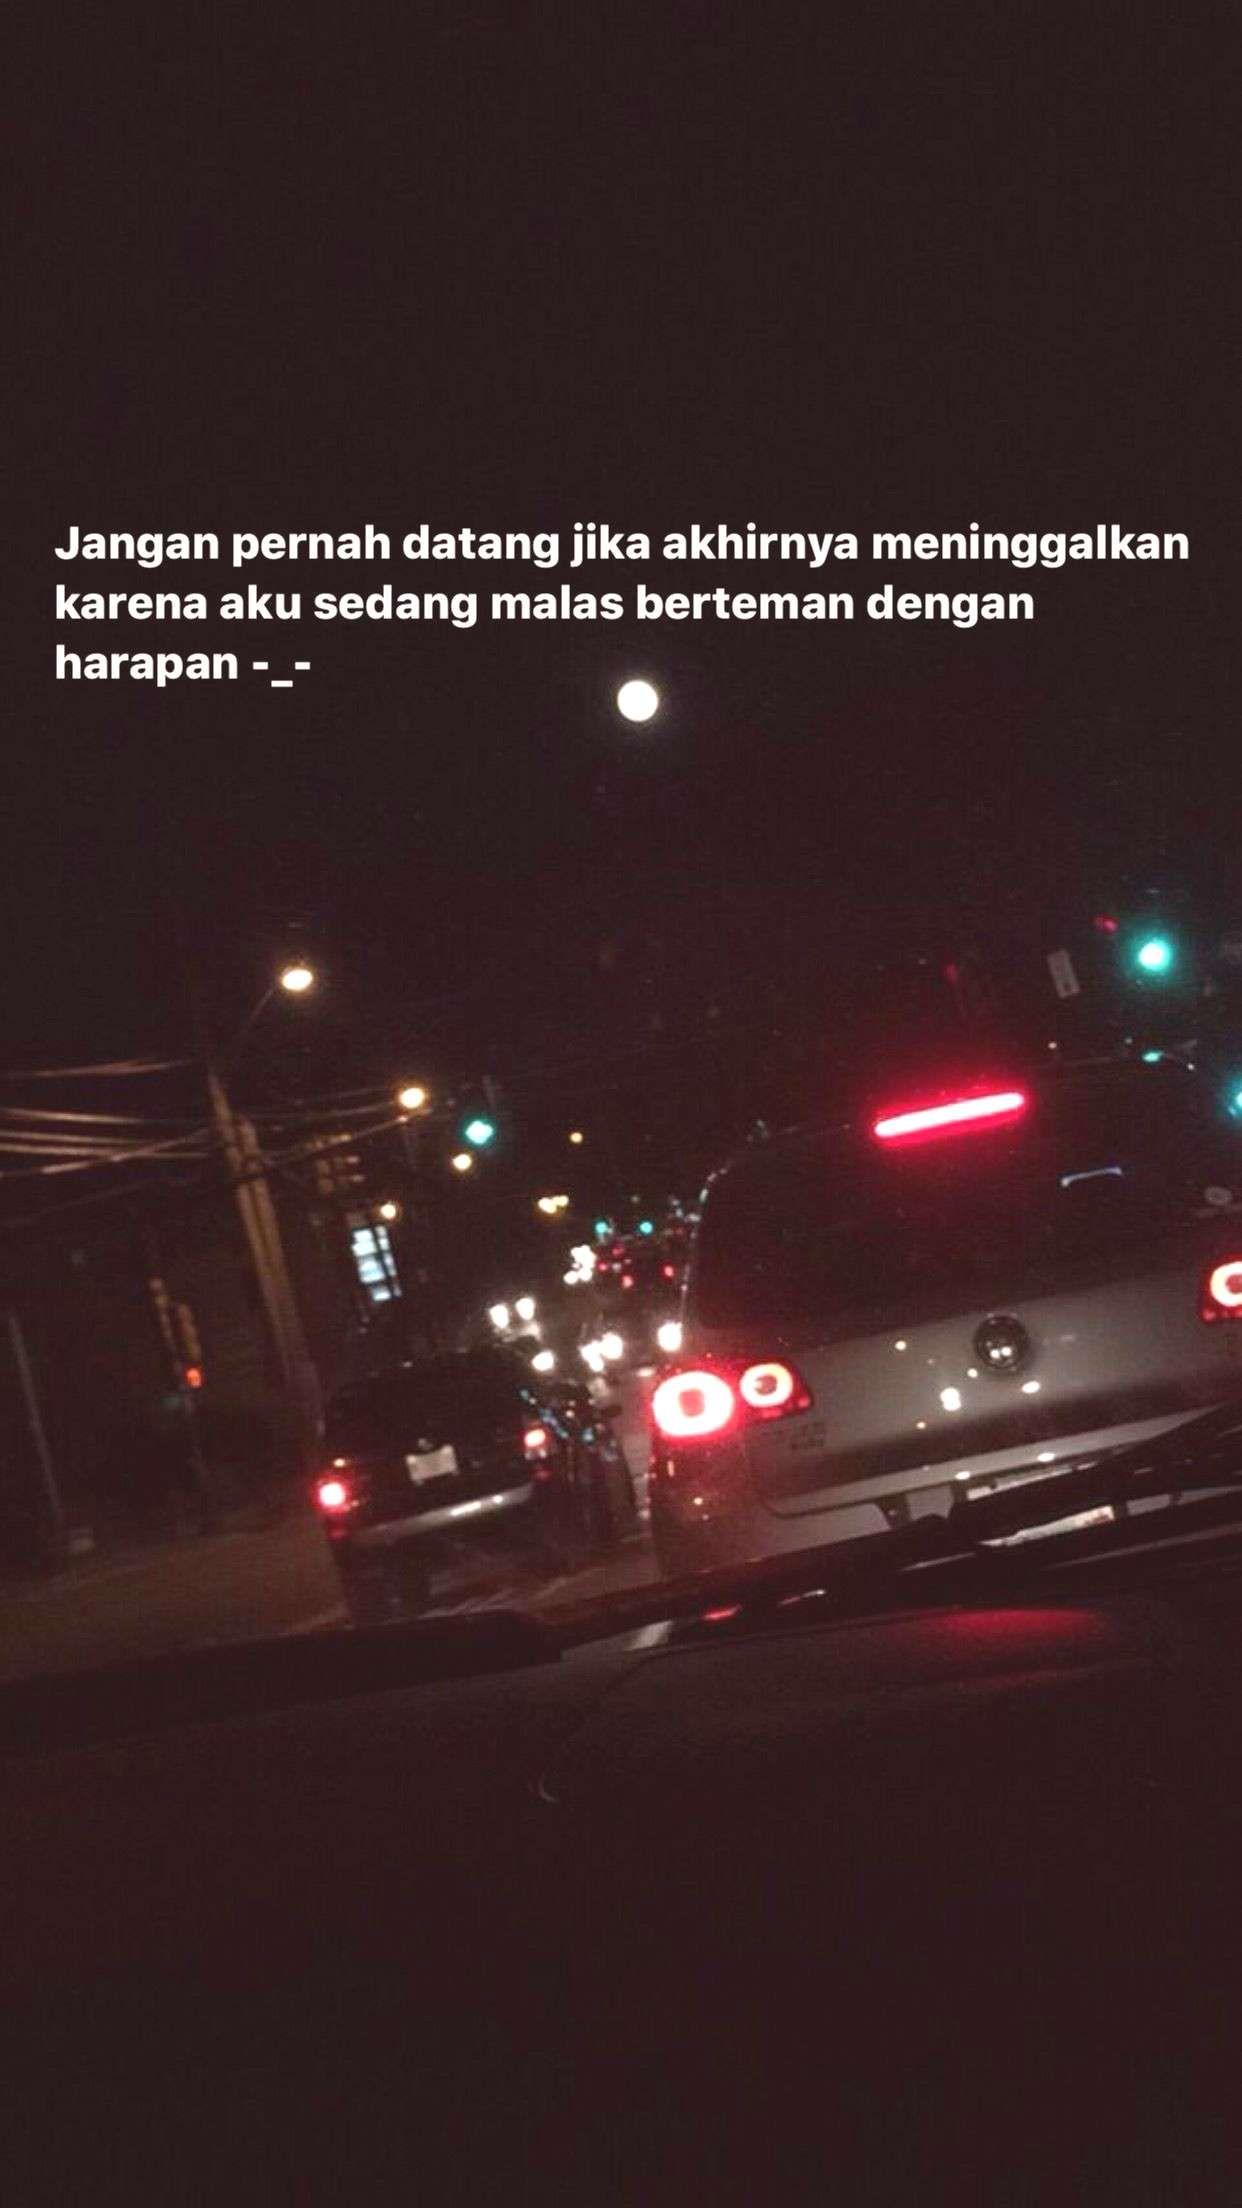 Indonesia Kehidupan Motivasi Singkat Inggris Quotes Bijak Cinta Quotes Bijak Indonesia Quotes Bijak Quotes Bijak I Kata Kata Indah Motivasi Kata Kata